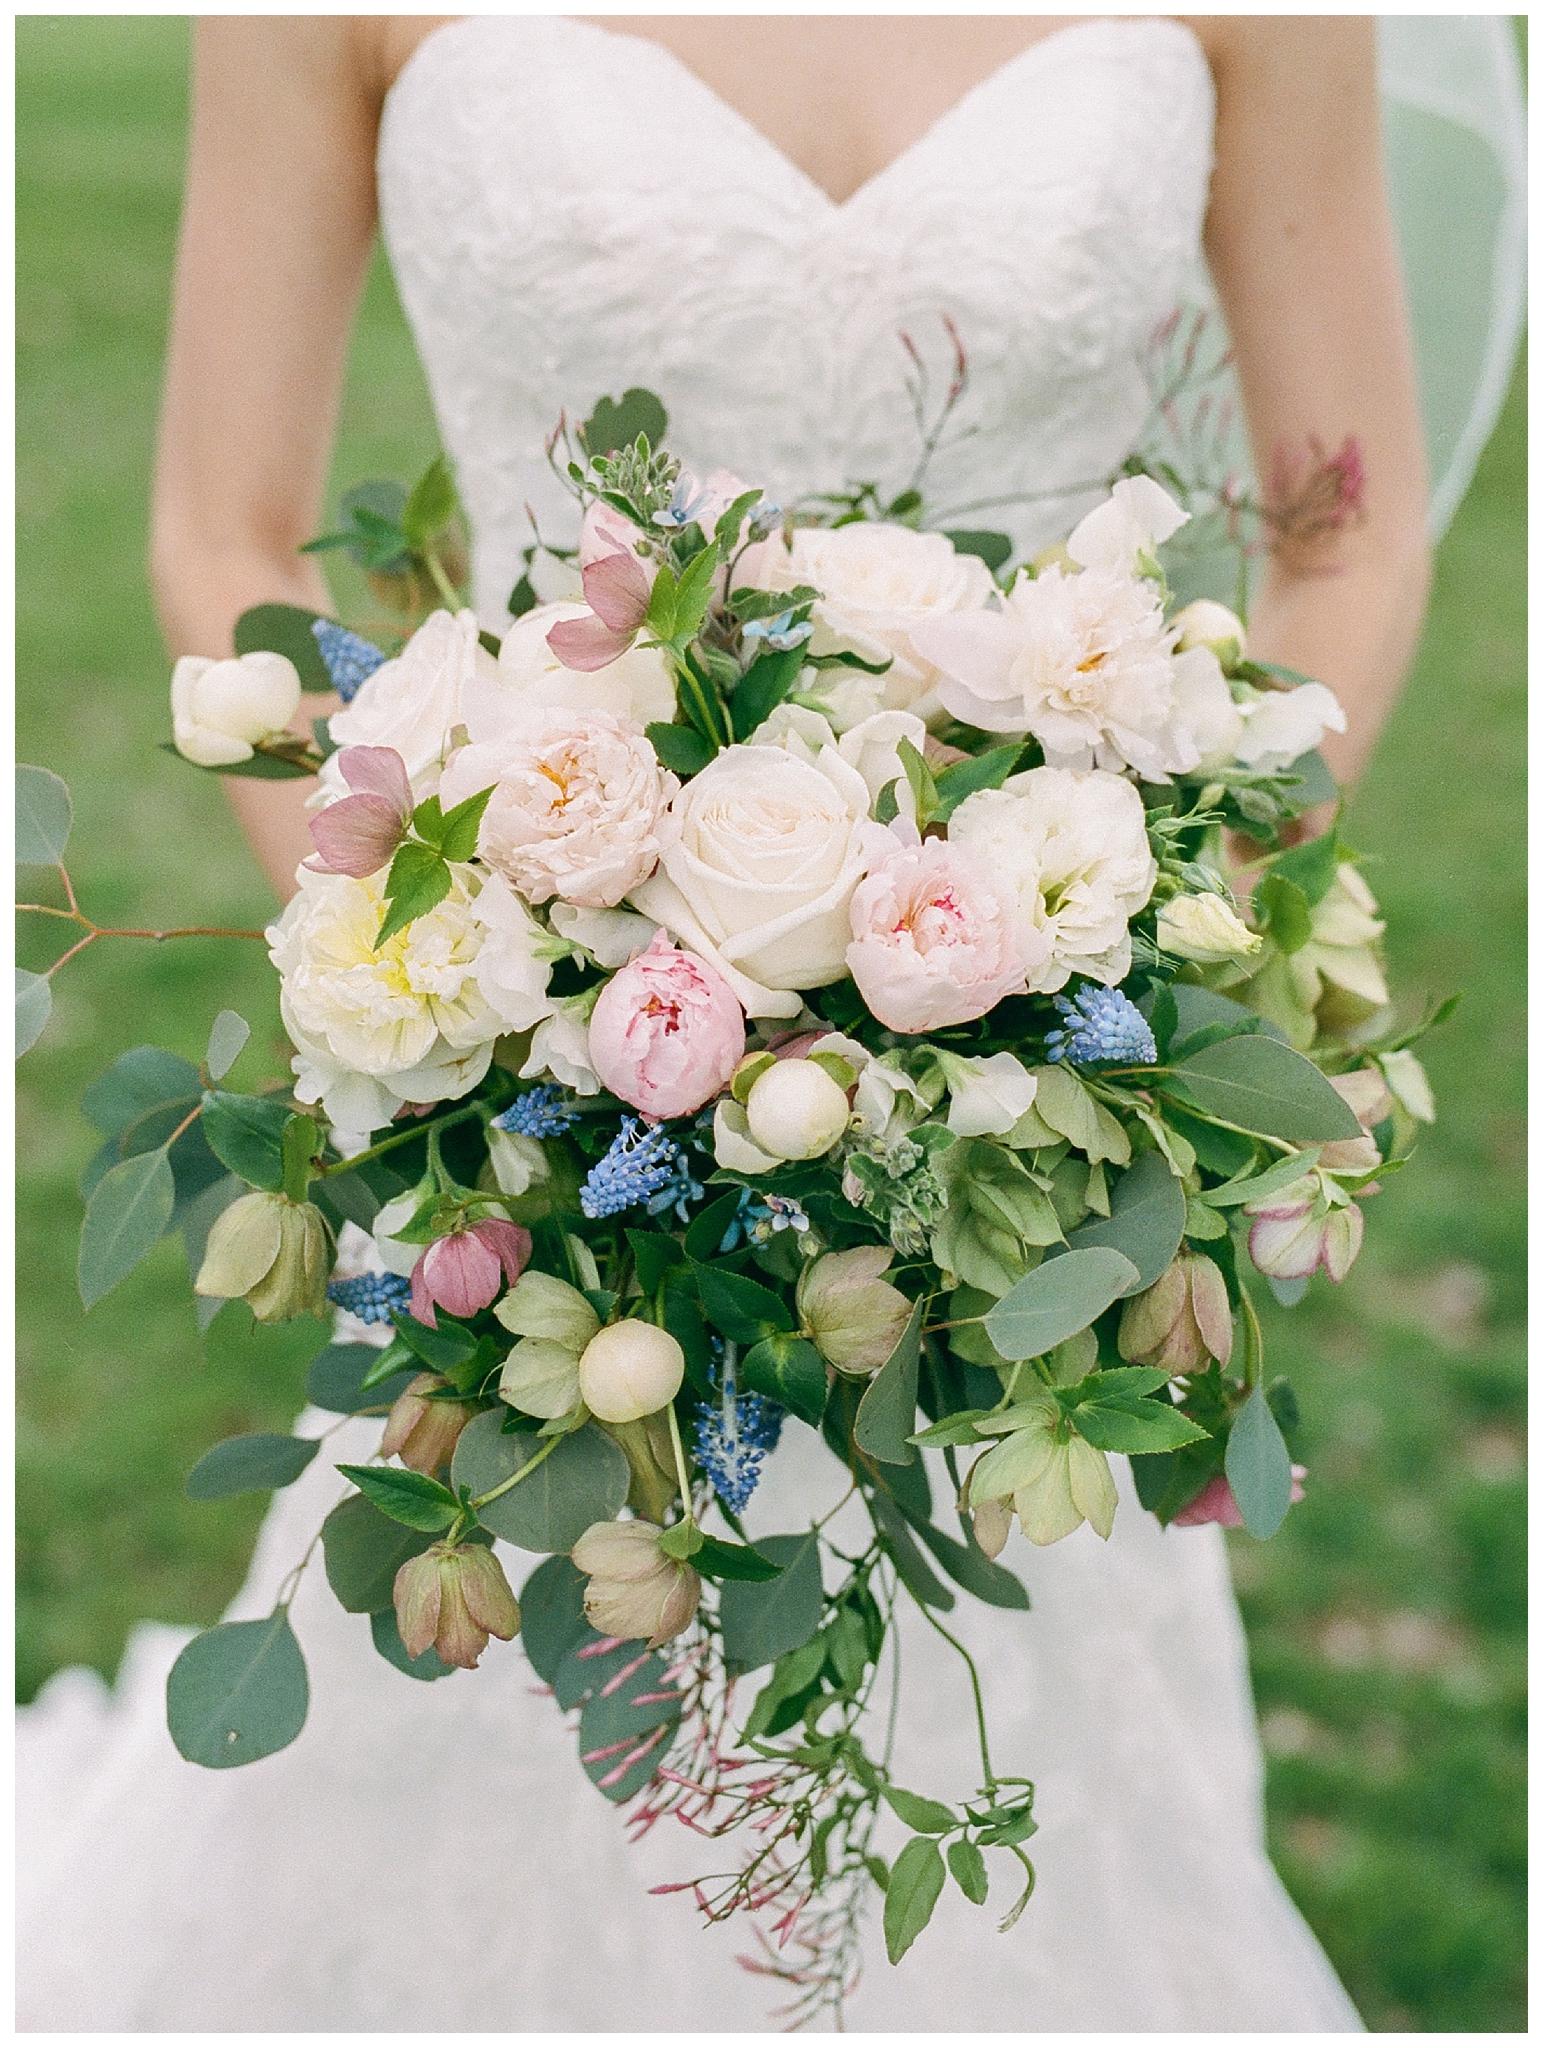 white-oaks-barn-dahlonega-wedding-photographer-christina-pugh_0012.jpg